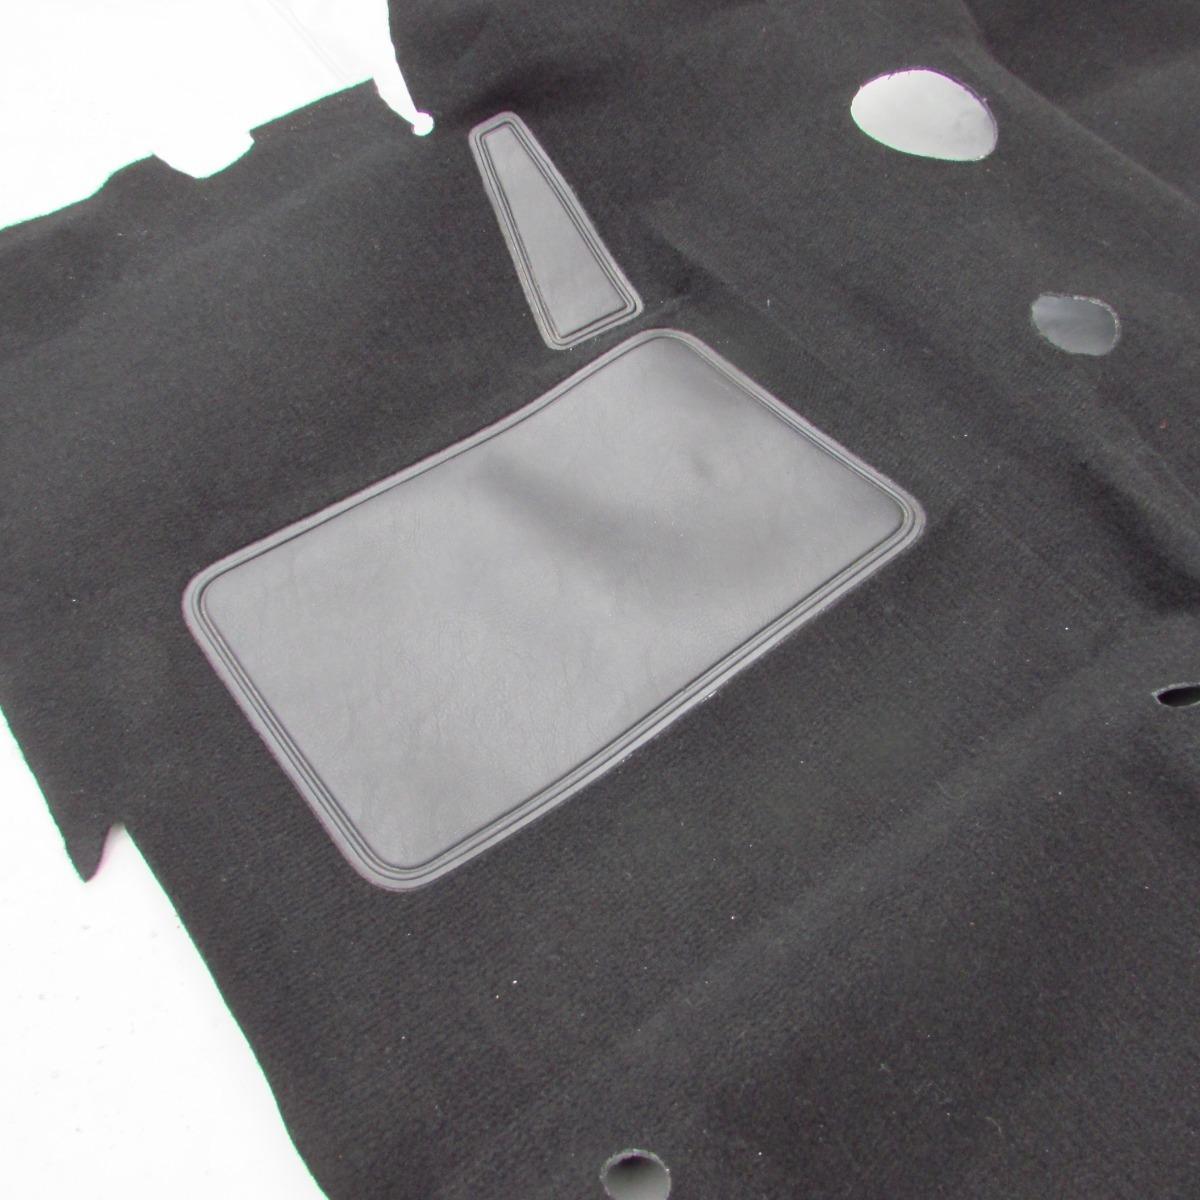 Tapete Carpete Moldado D20 4x4 Cabine Simples Preto Original R 470 00 Em Mercado Livre